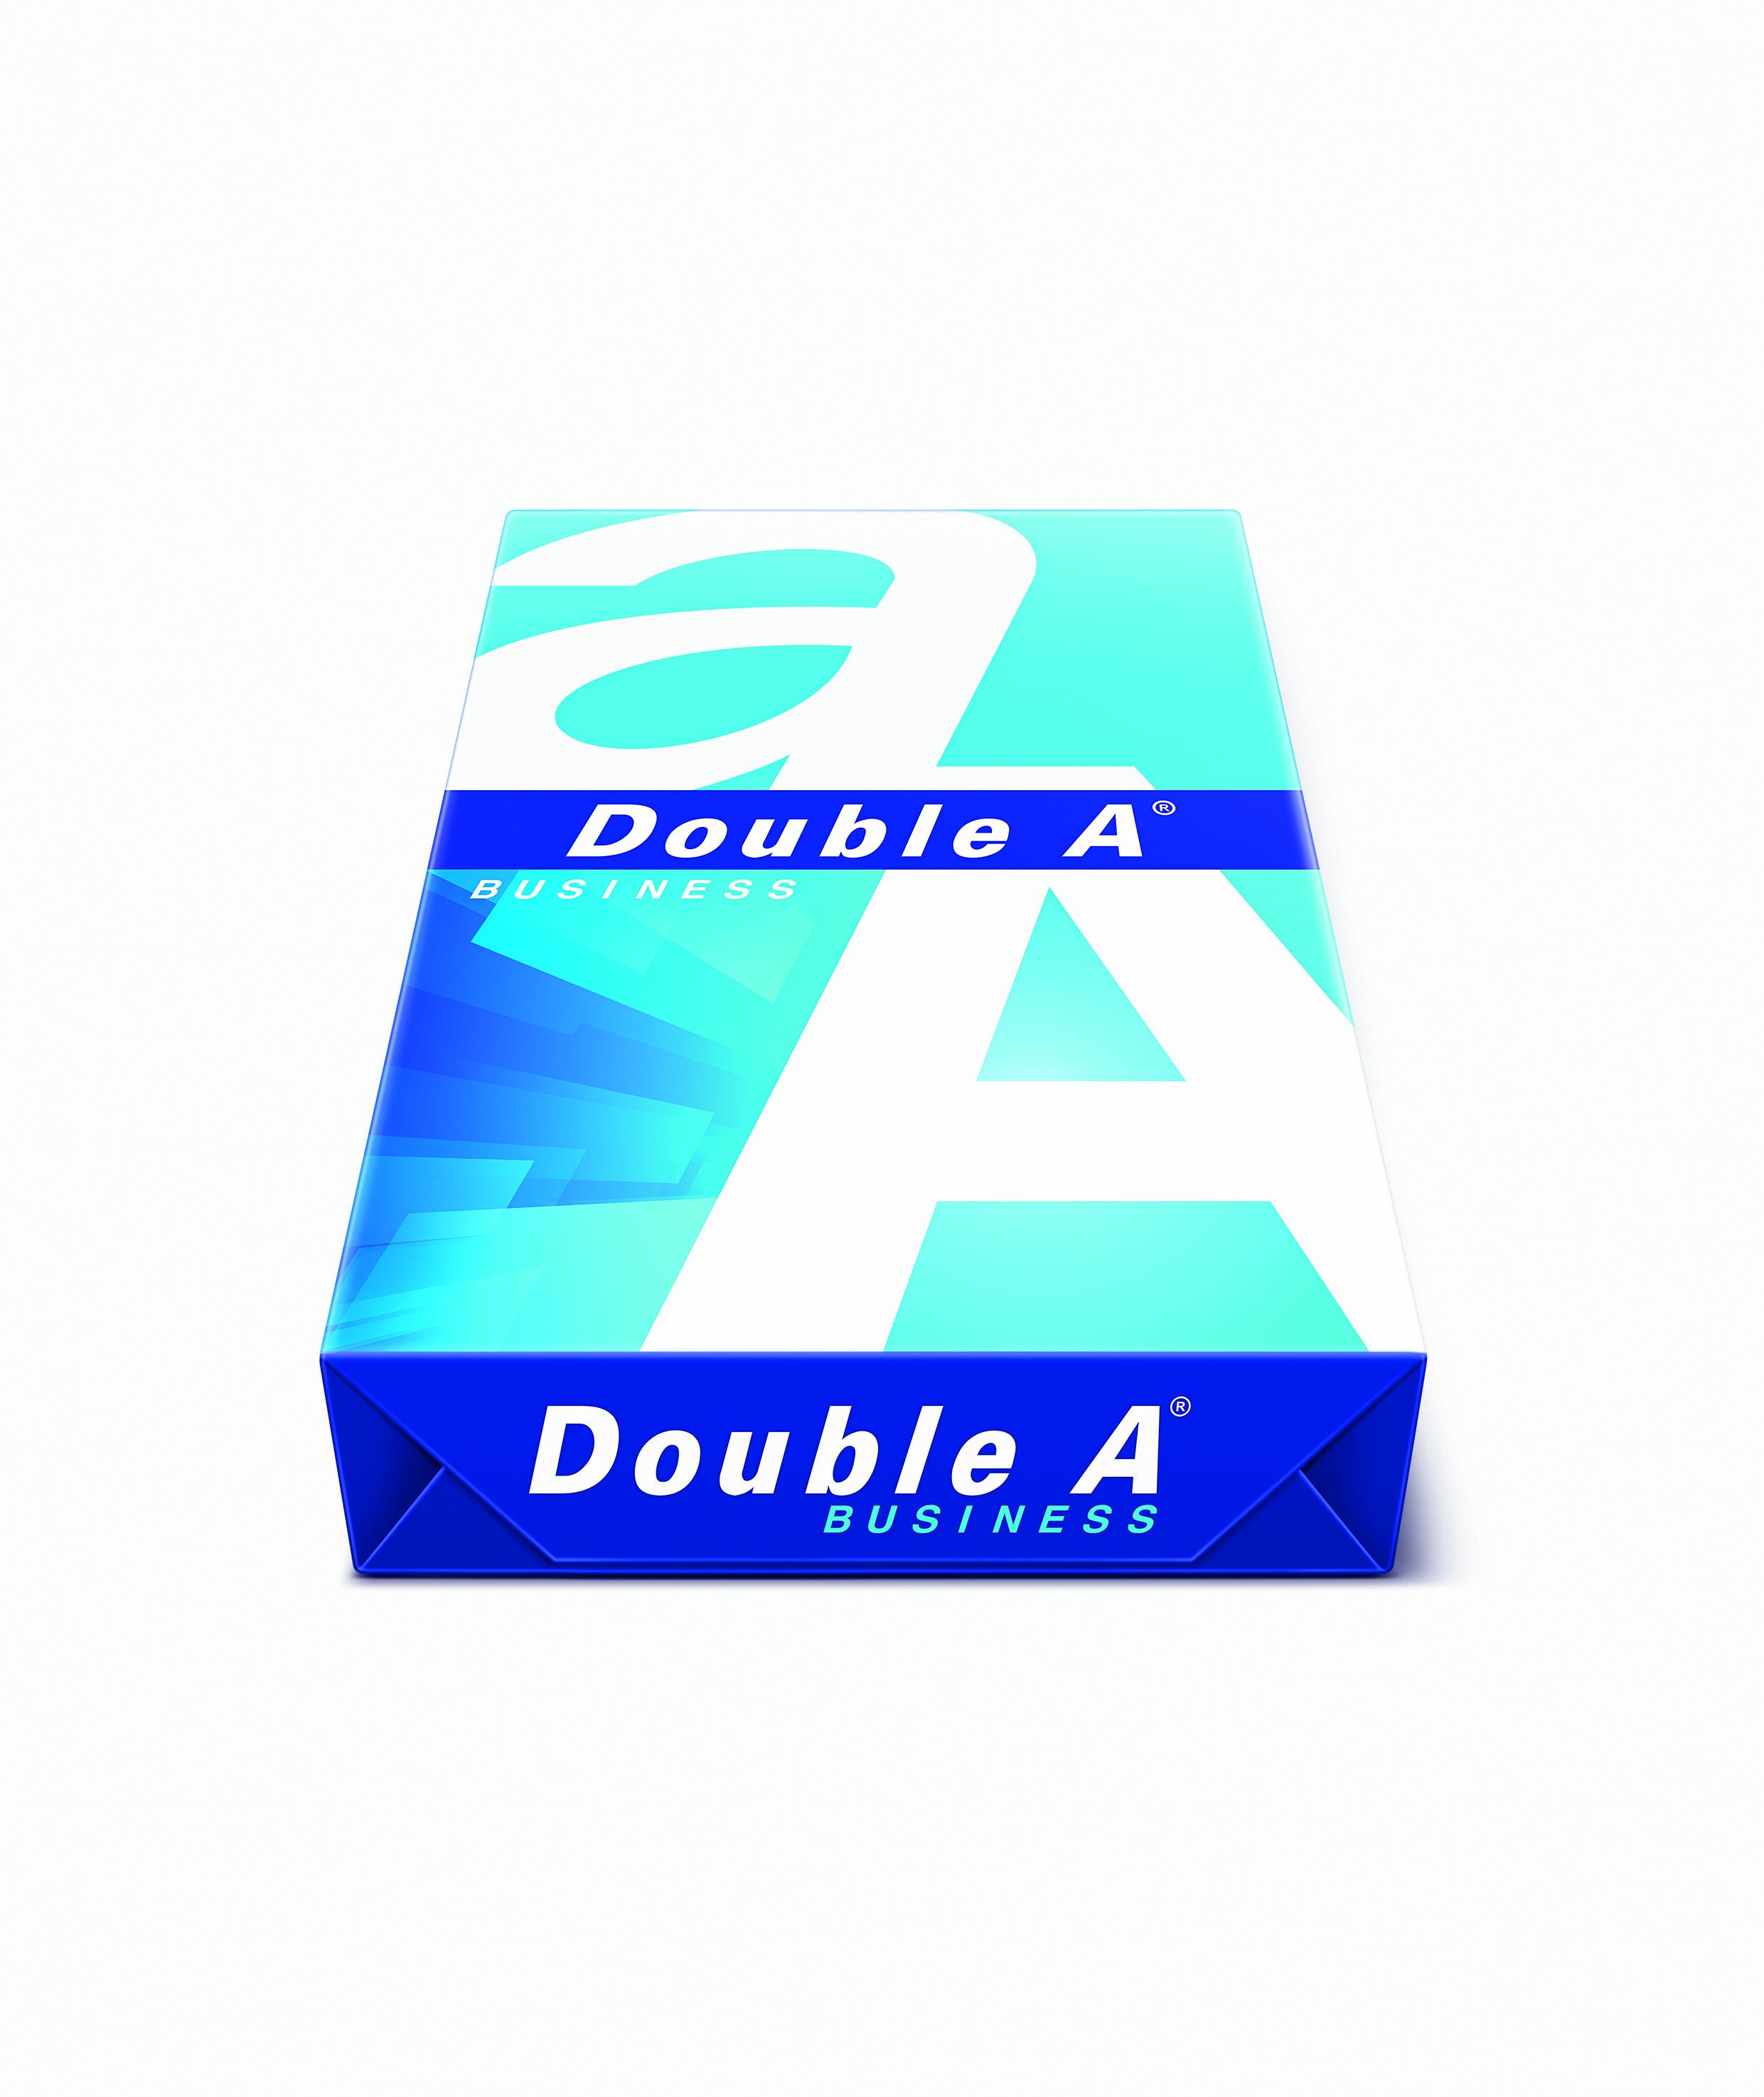 Double A Business Papier 75g/m² DIN-A3 weiß 500 Blatt